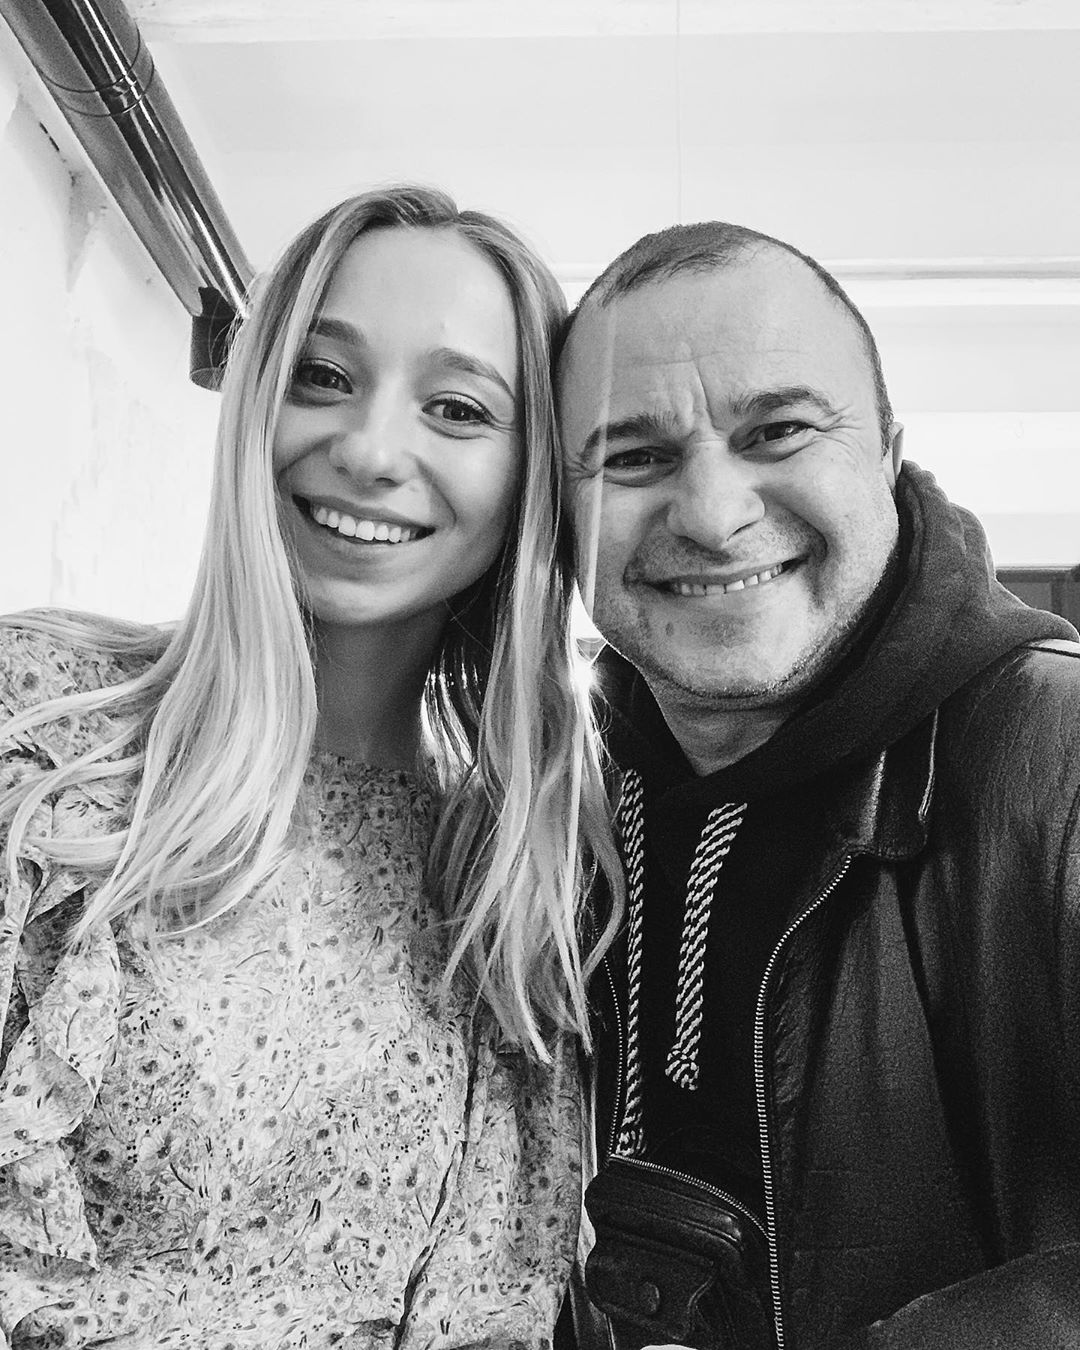 В ванной с пеной: Виктор Павлик и его молодая невеста забросали Сеть пикантными фото